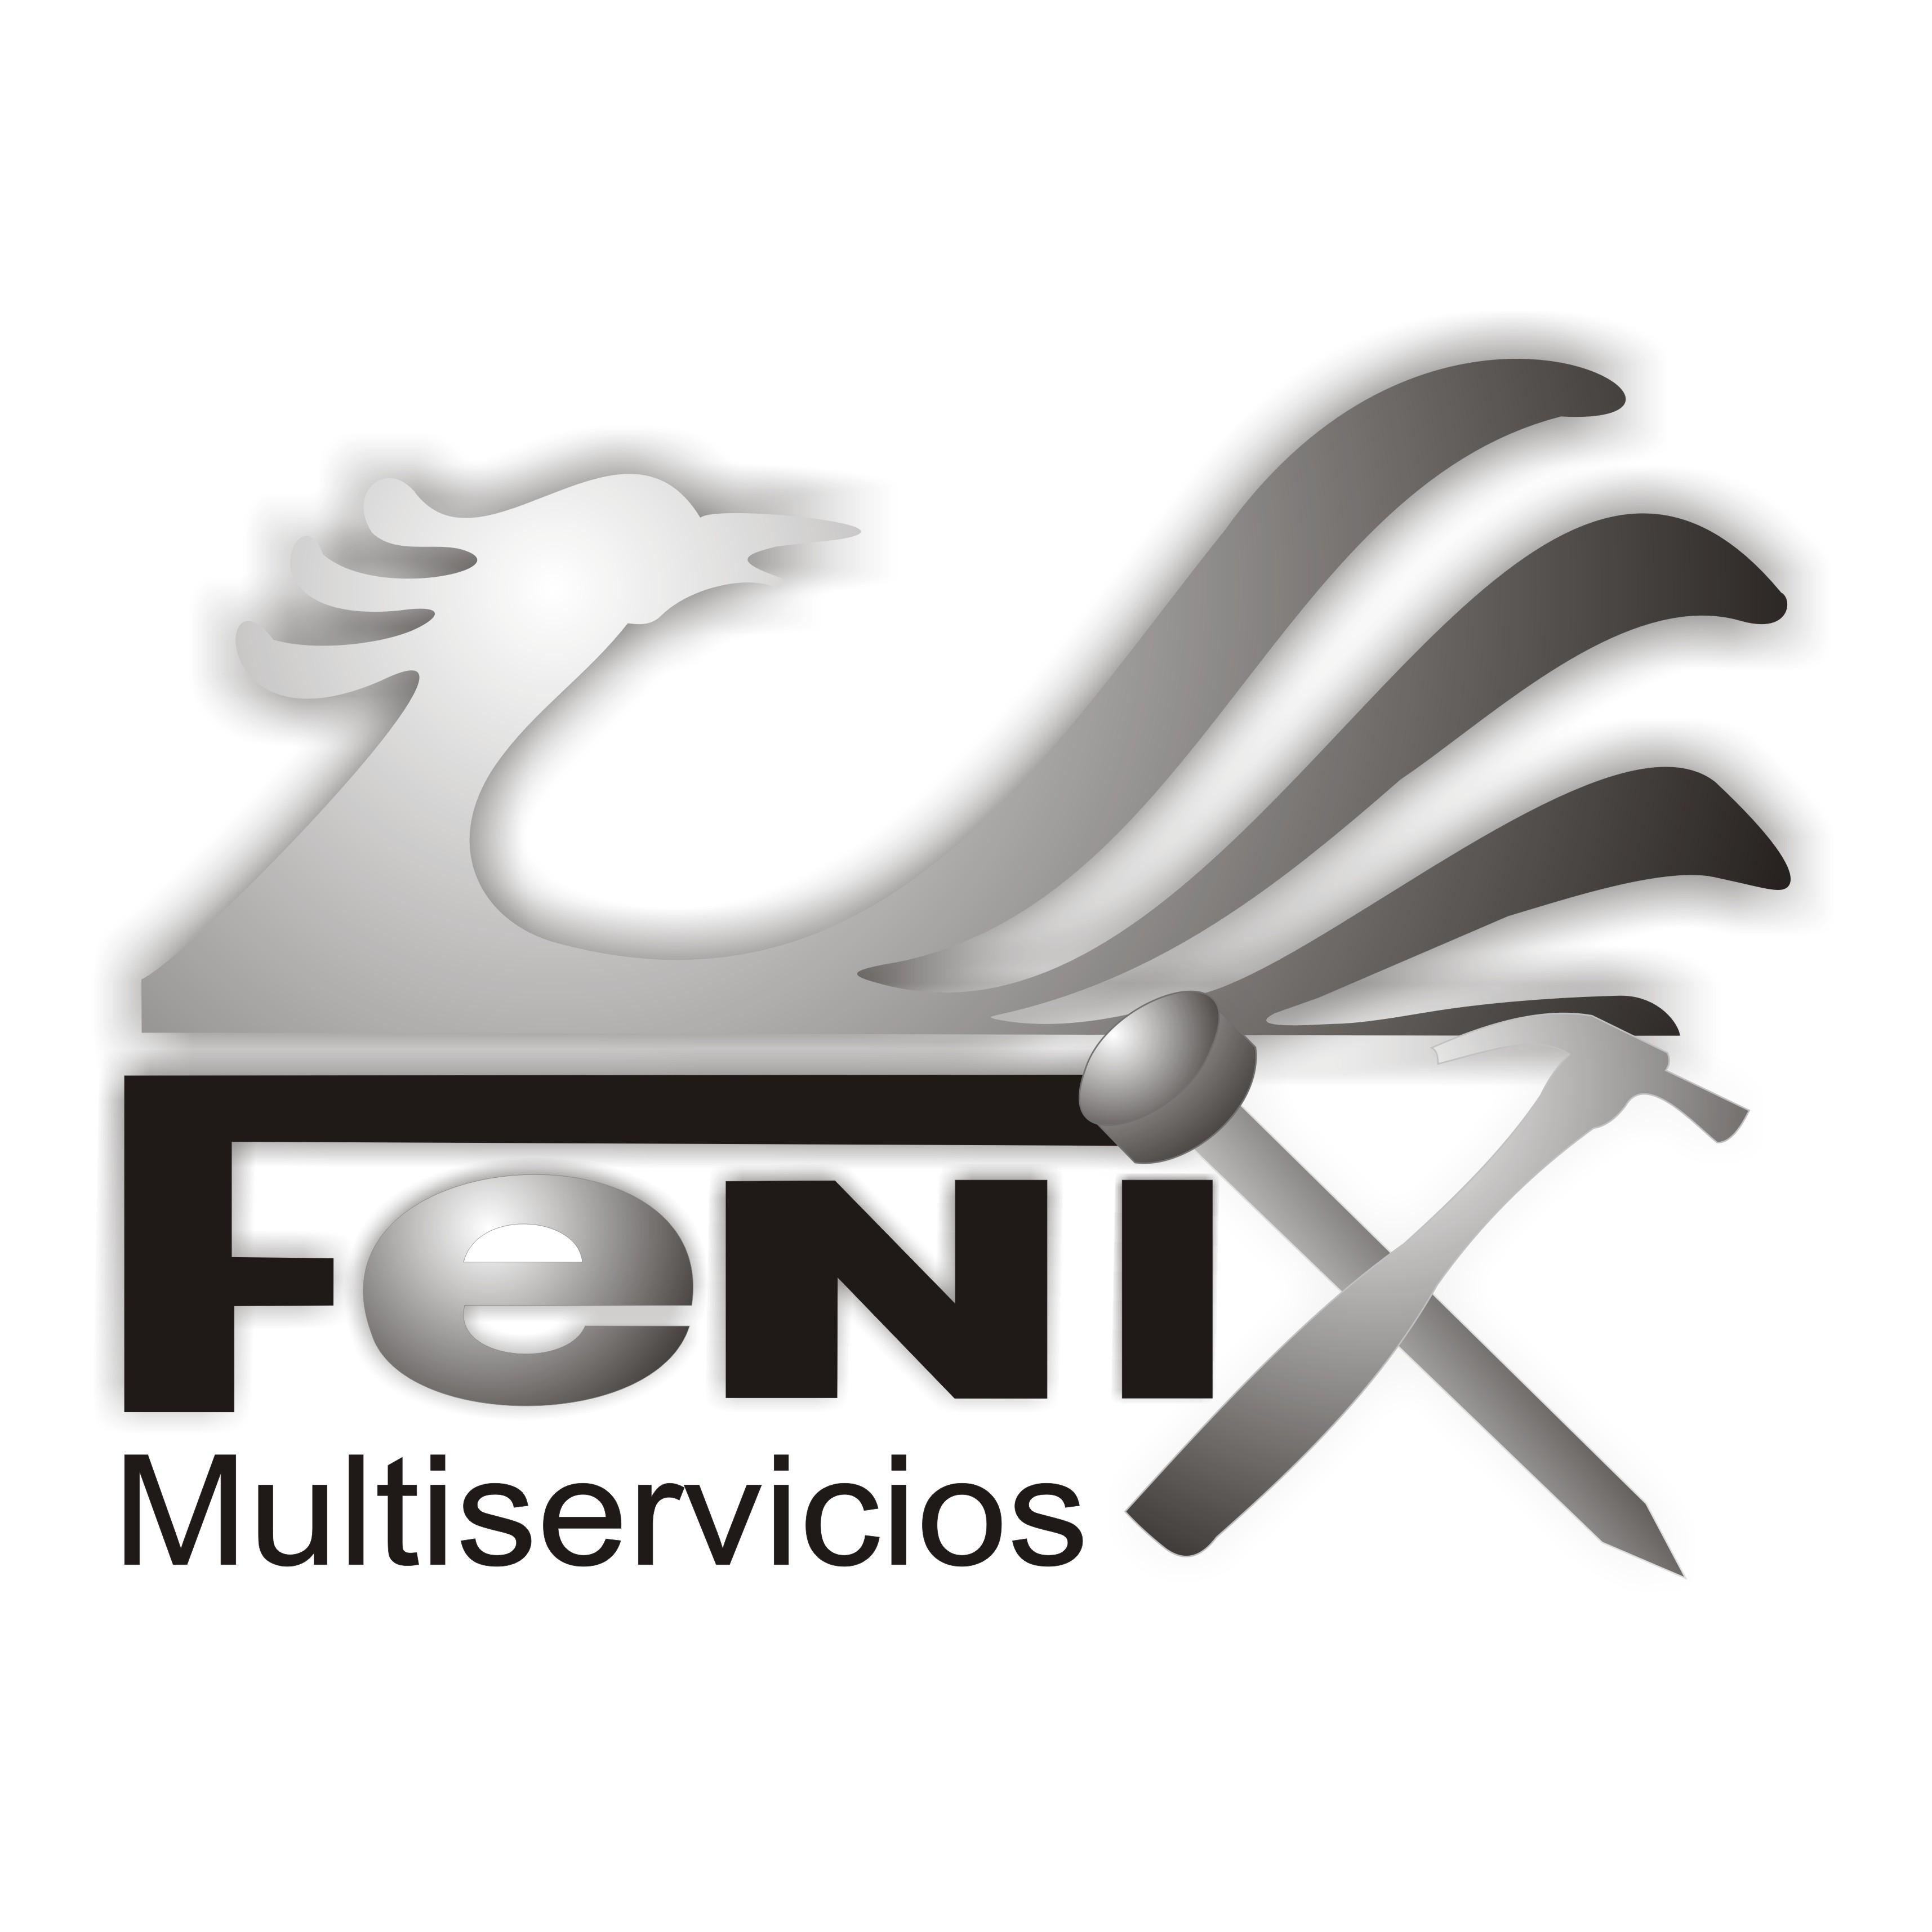 Fénix Multiservicios